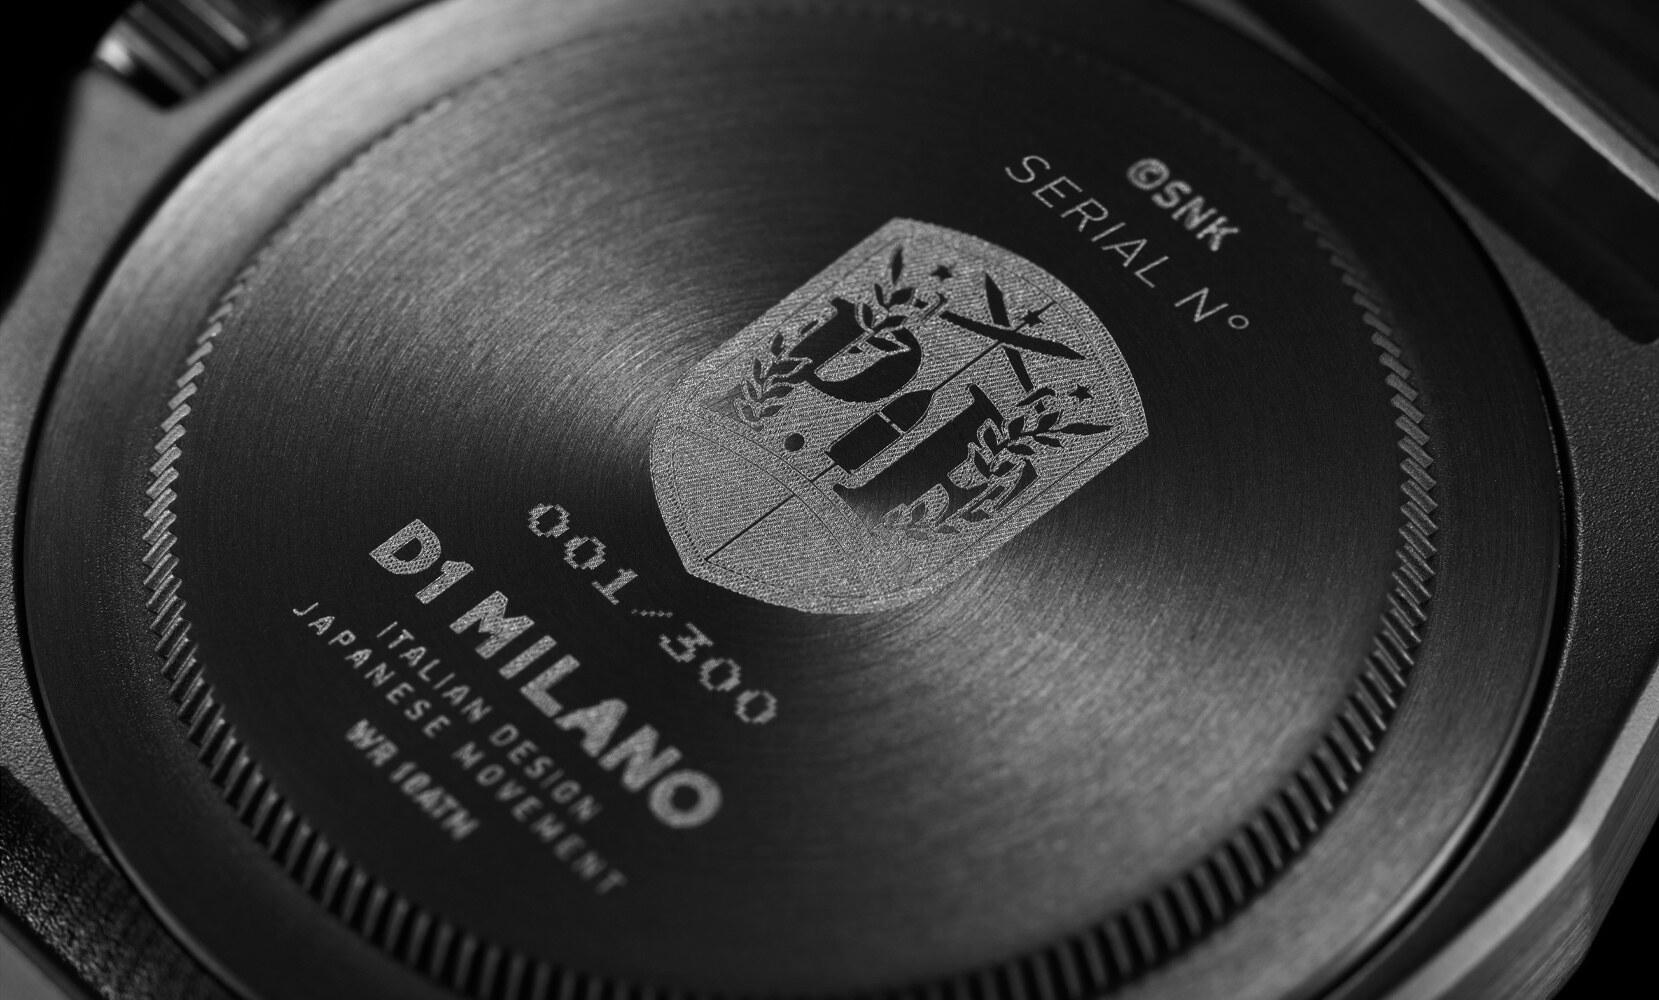 D1 Milano x Metal Slug